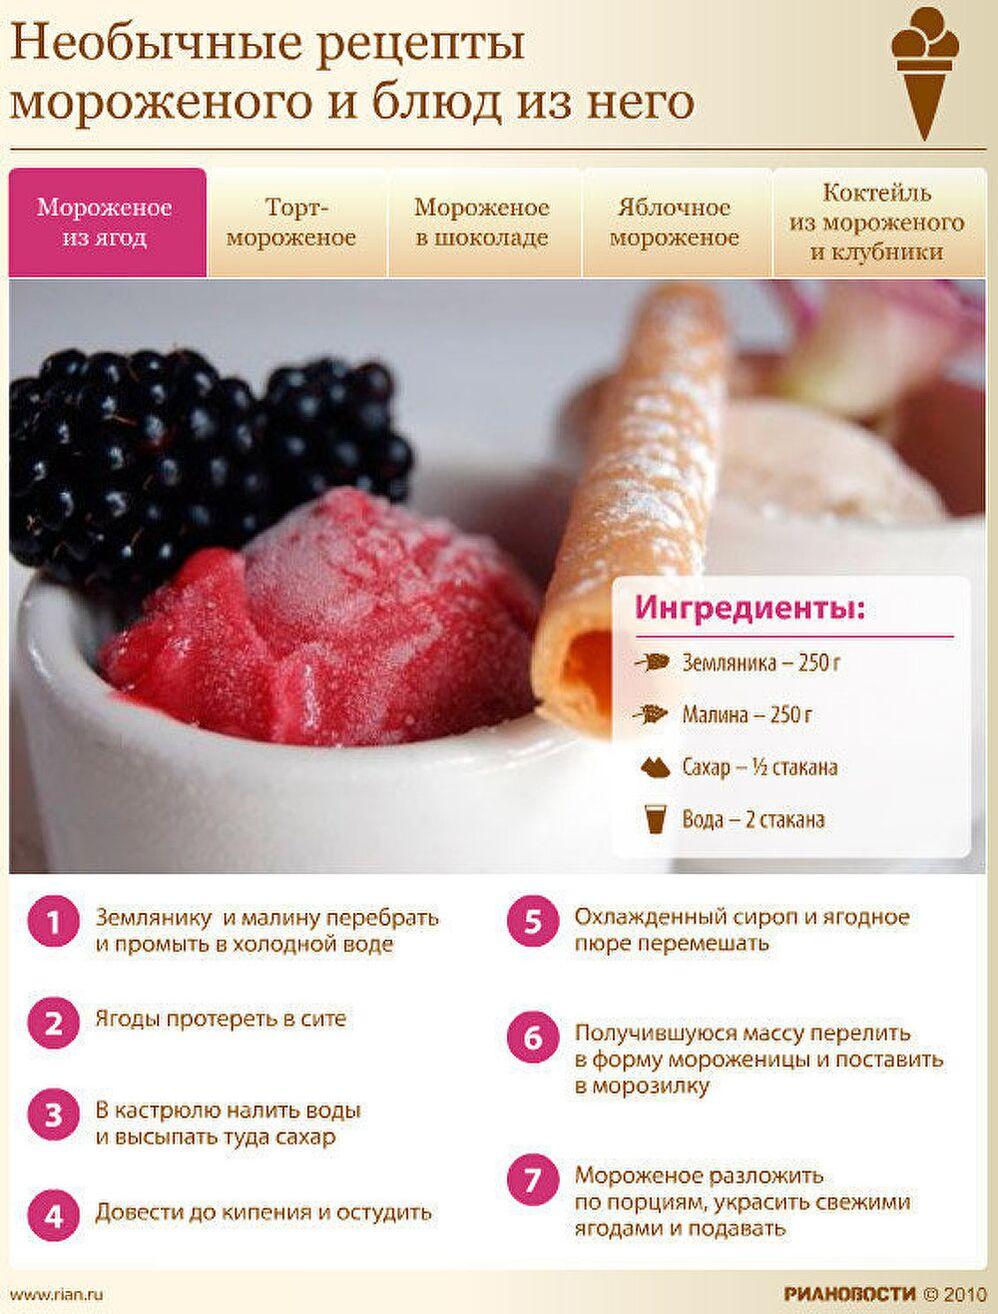 Необычные рецепты мороженого и блюд из него